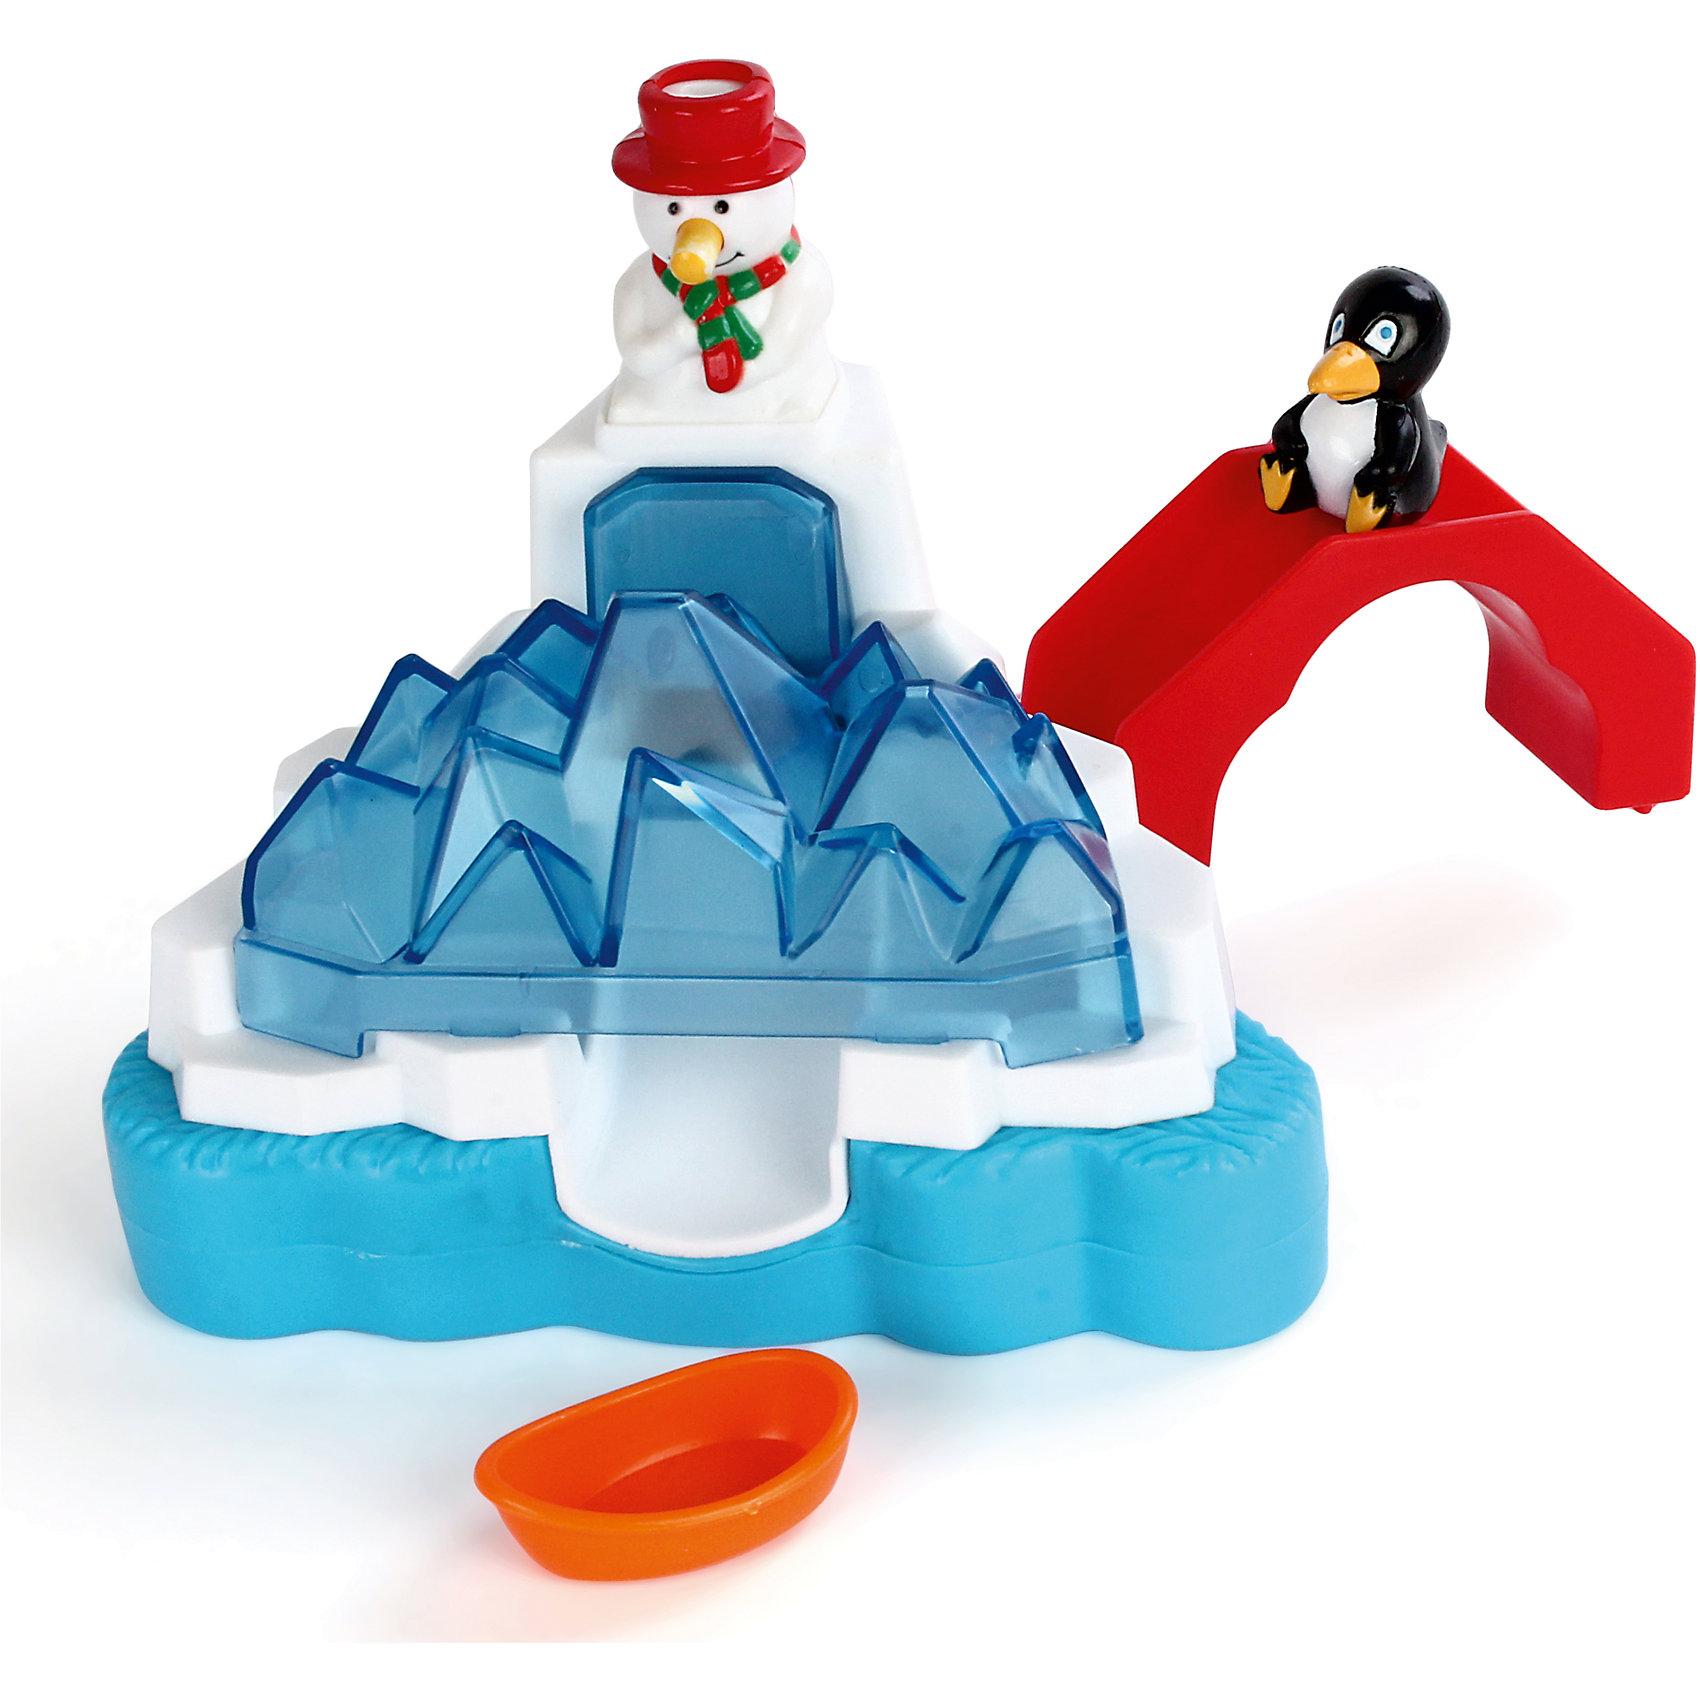 Игрушка для ванной Зимнее купание, ЖирафикиИгрушки для ванной<br>Купание в ванной любят далеко не все малыши. И это оправдано. Многие из них боятся воды, которая попадает в глазки и ушки, а многие не любят, потому что им просто скучно купаться. Исправить последнее поможет игрушка для ванной, которая займет малыша во время купания. Игрушка изготовлена из пластика, поэтому не утонет даже при активной игре! Материалы, использованные при изготовлении товара, абсолютно безопасны и отвечают всем международным требованиям по качеству.<br><br>Дополнительные характеристики:<br><br>материал: пластик;<br>цвет: разноцветный.<br><br>Игрушку для ванной Зимнее купание от компании Жирафики можно приобрести в нашем магазине.<br><br>Ширина мм: 460<br>Глубина мм: 314<br>Высота мм: 352<br>Вес г: 400<br>Возраст от месяцев: 12<br>Возраст до месяцев: 60<br>Пол: Унисекс<br>Возраст: Детский<br>SKU: 5032535